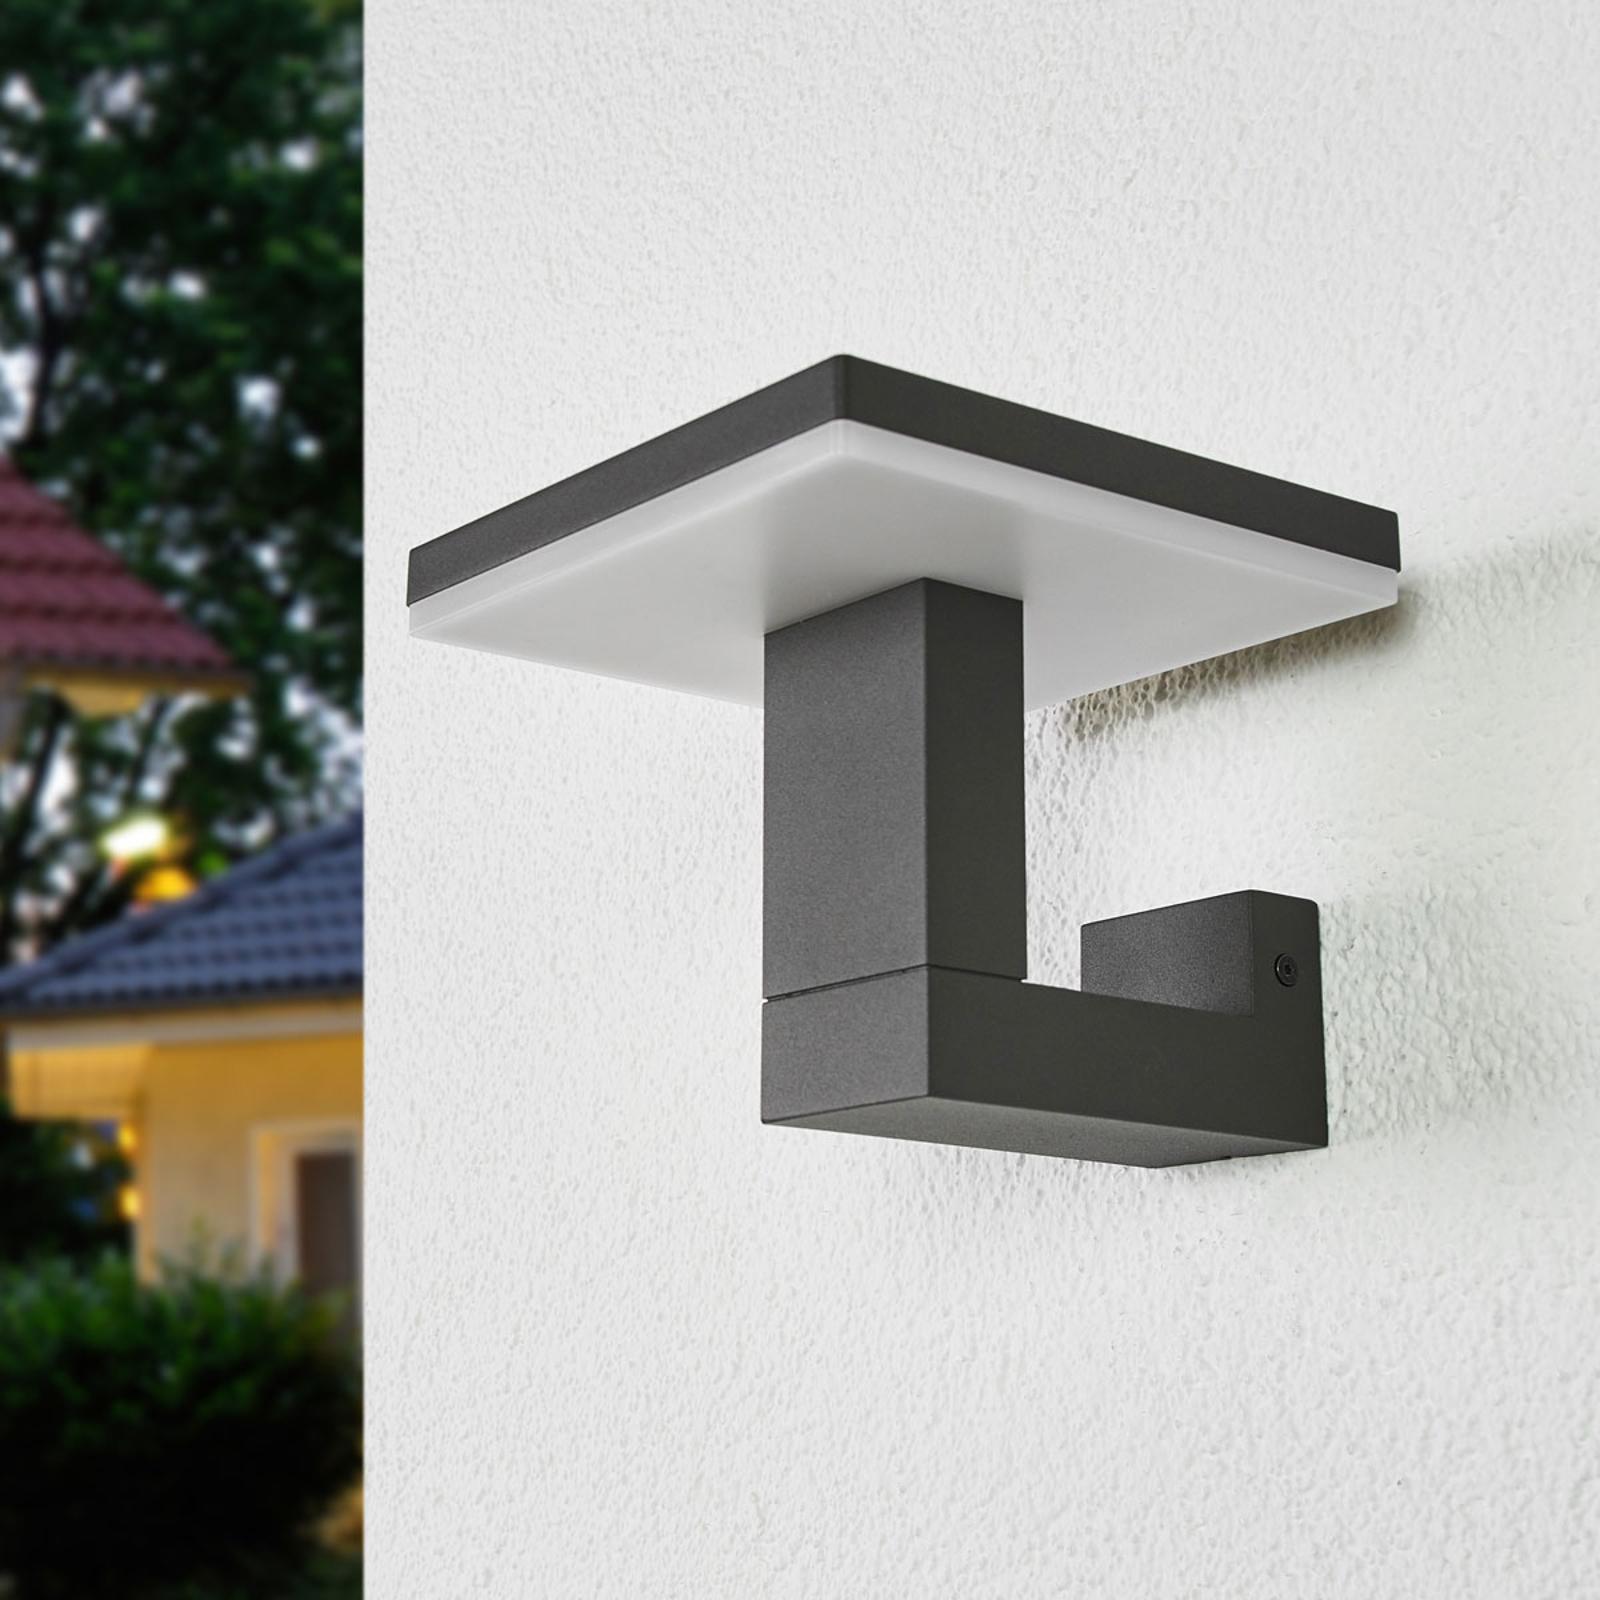 Utendørs LED-vegglampe Olesia, firkantet